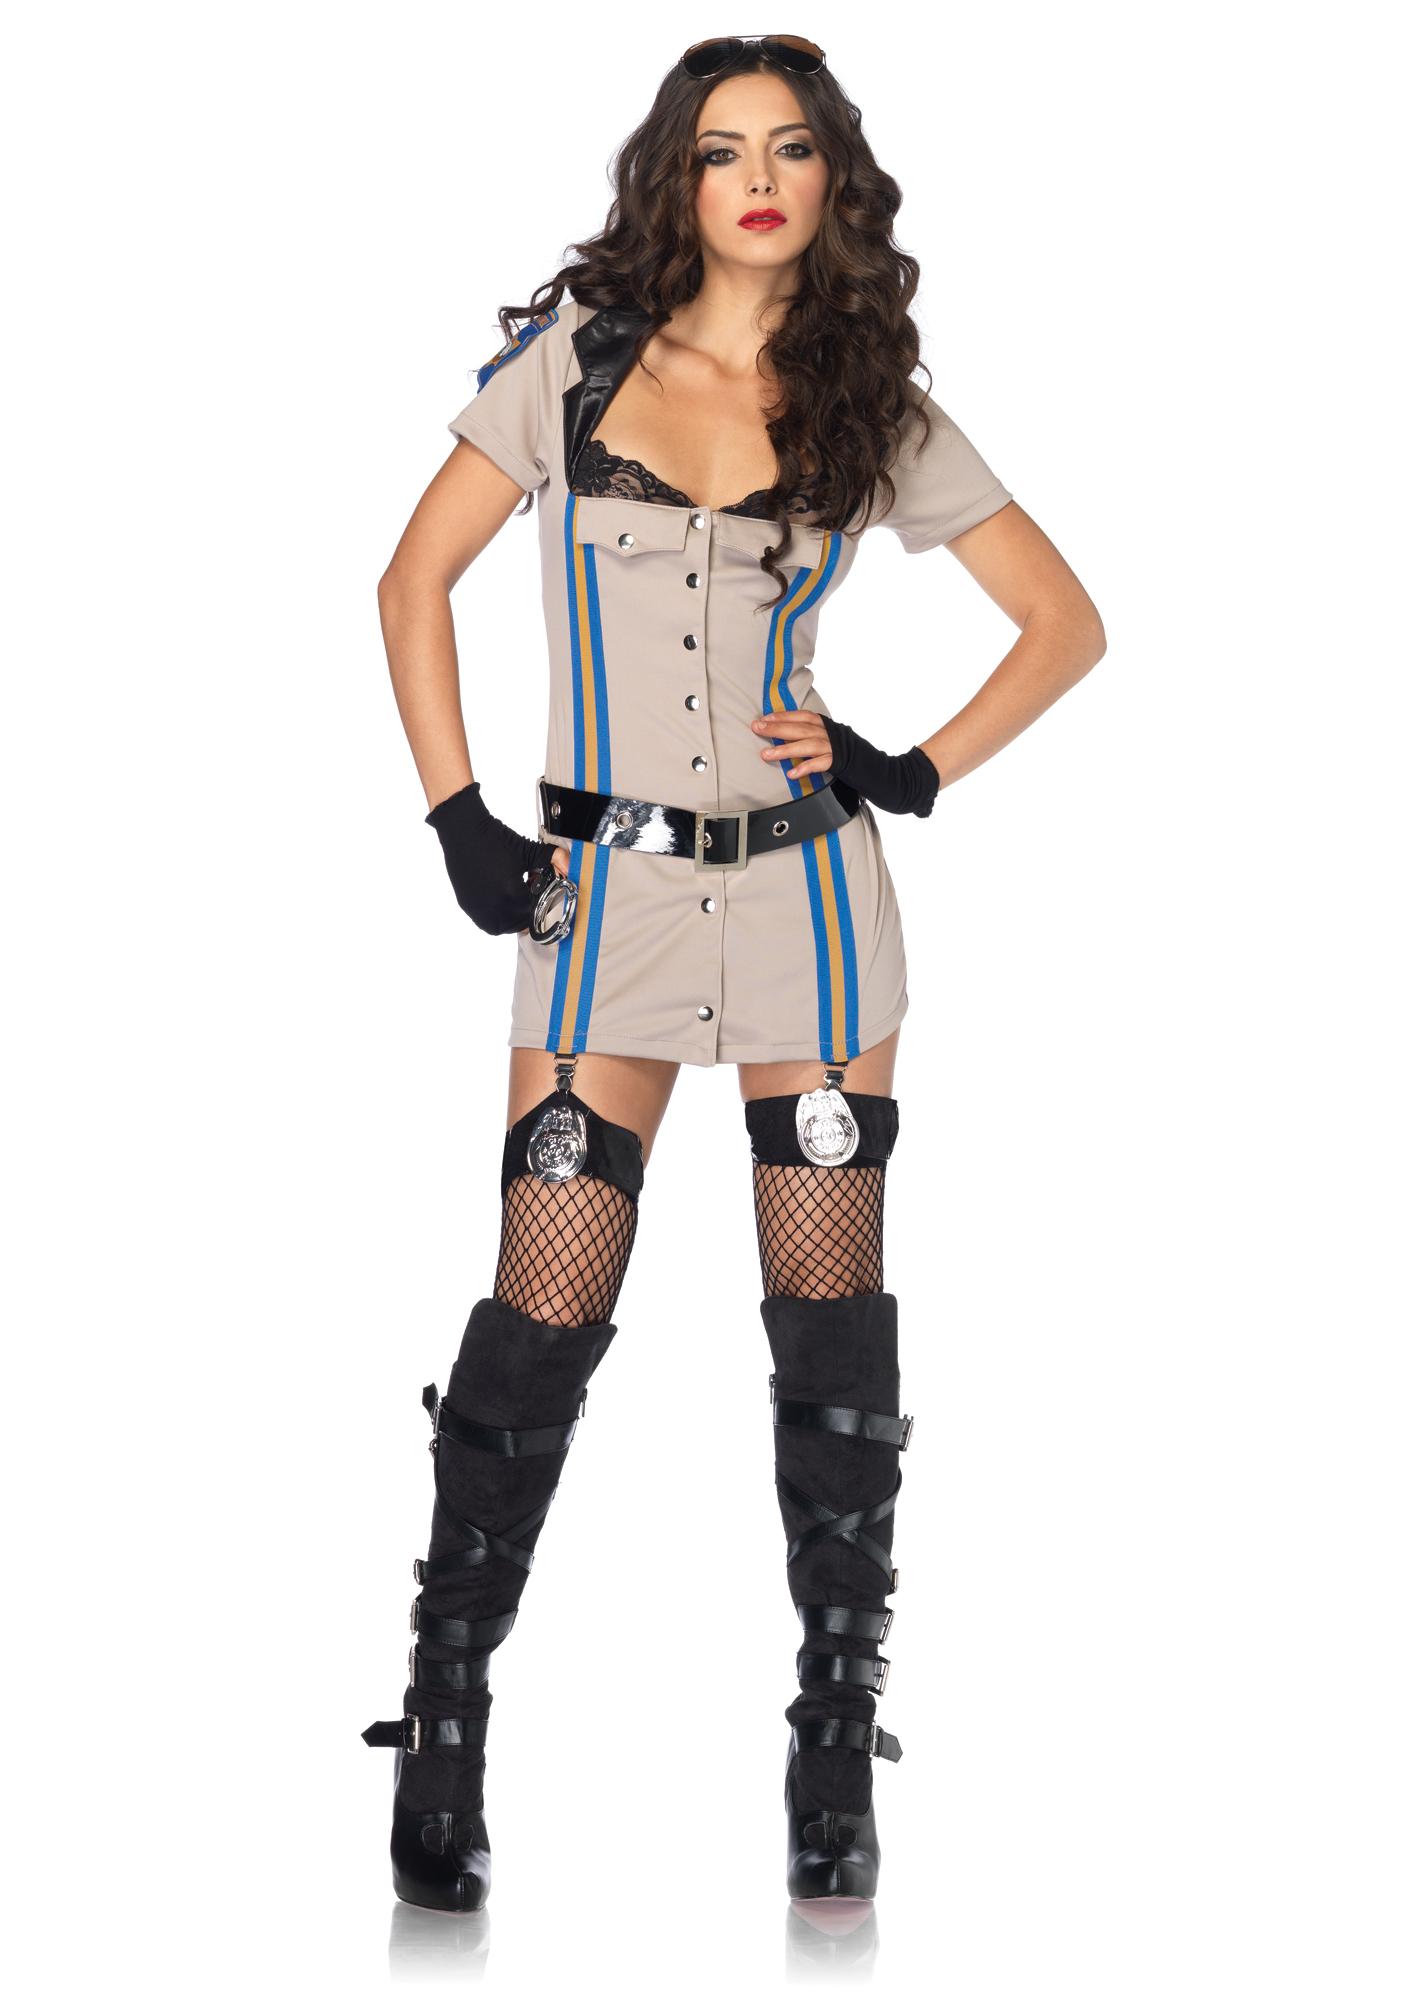 police girl, девушка в костюме полицеского, фото, скачать